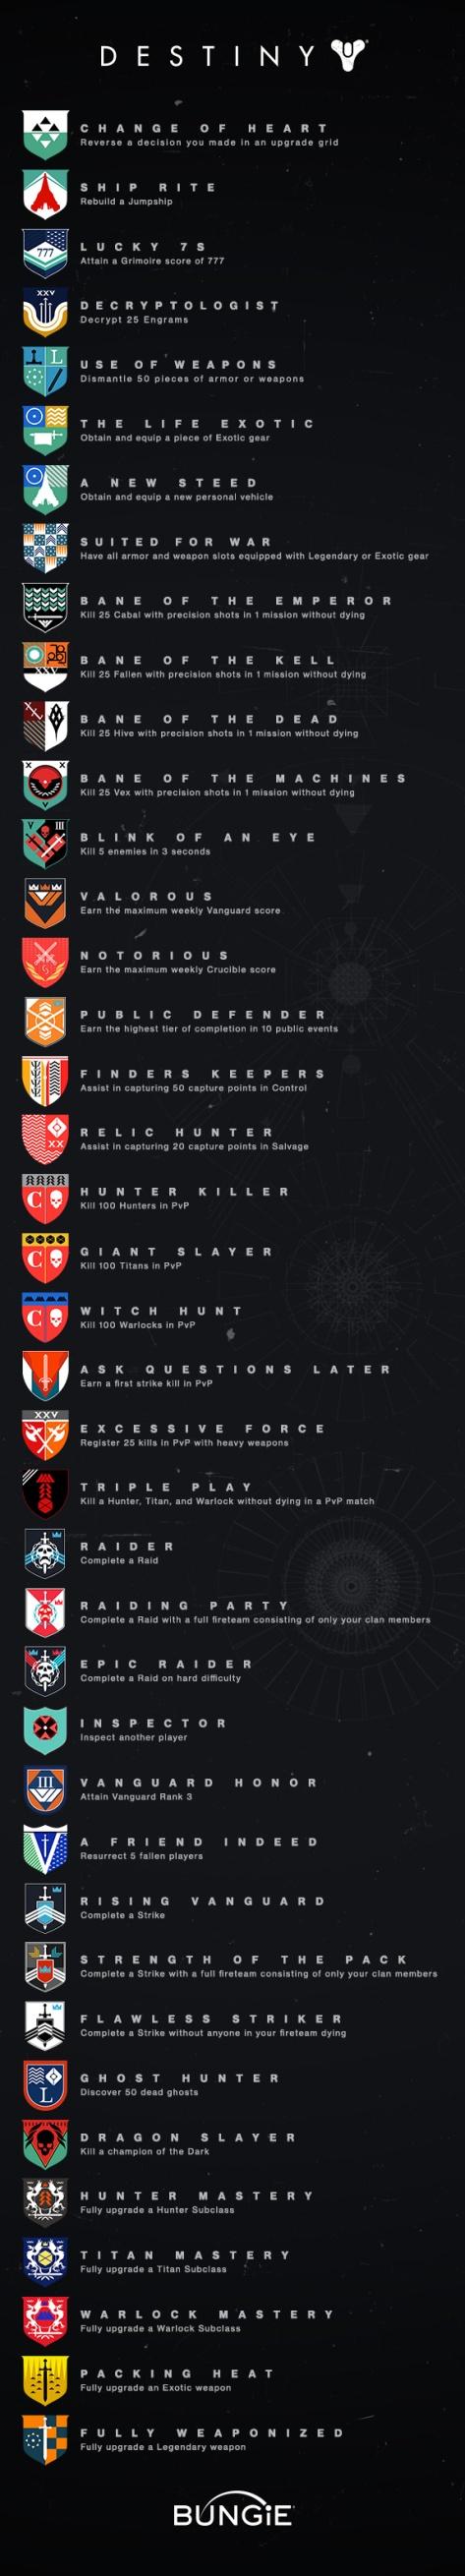 Destiny, Destiny Achievements